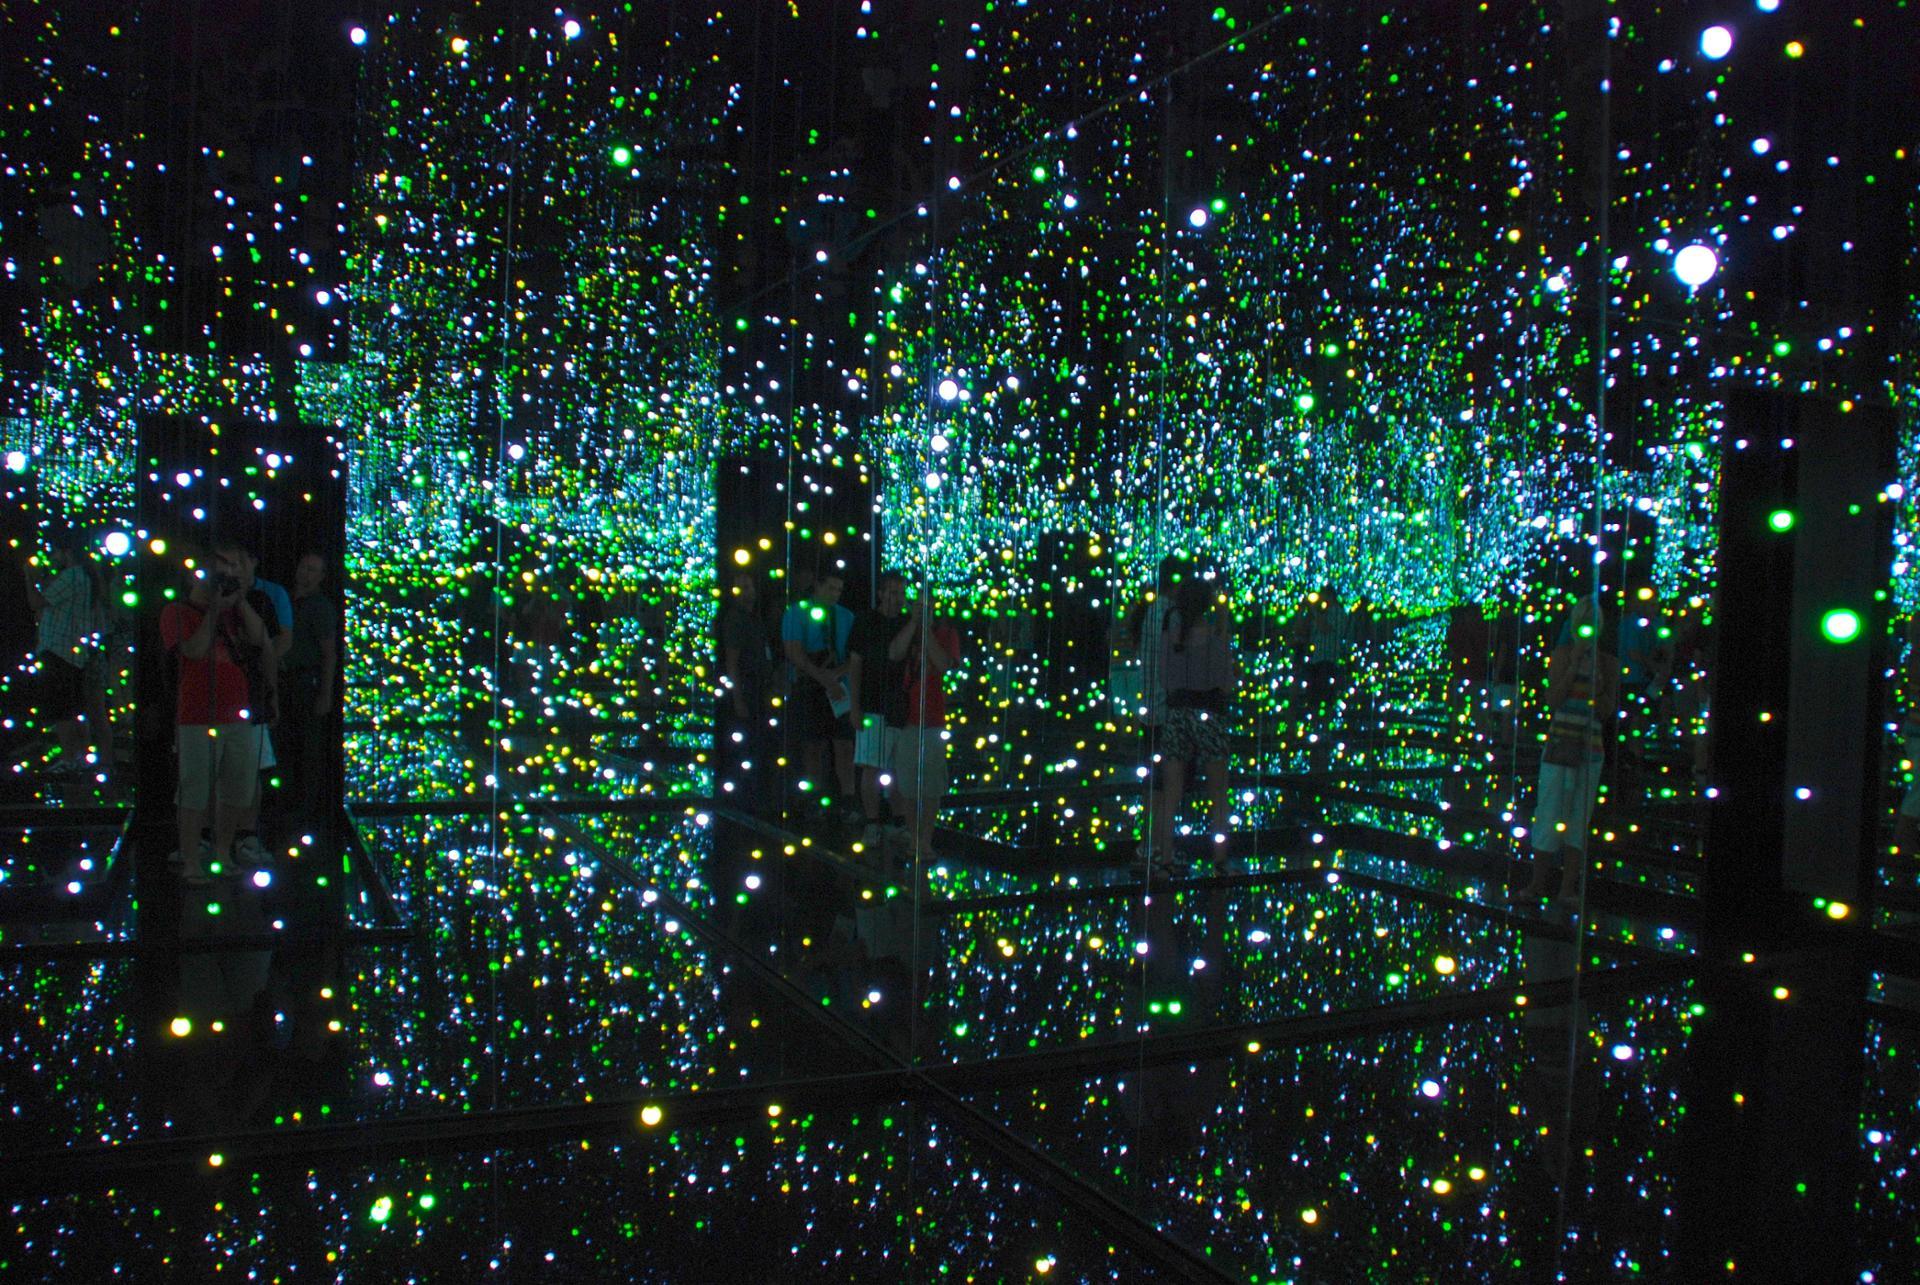 Perdus dans les étoiles et les gratte-ciel qu'elles engendrent